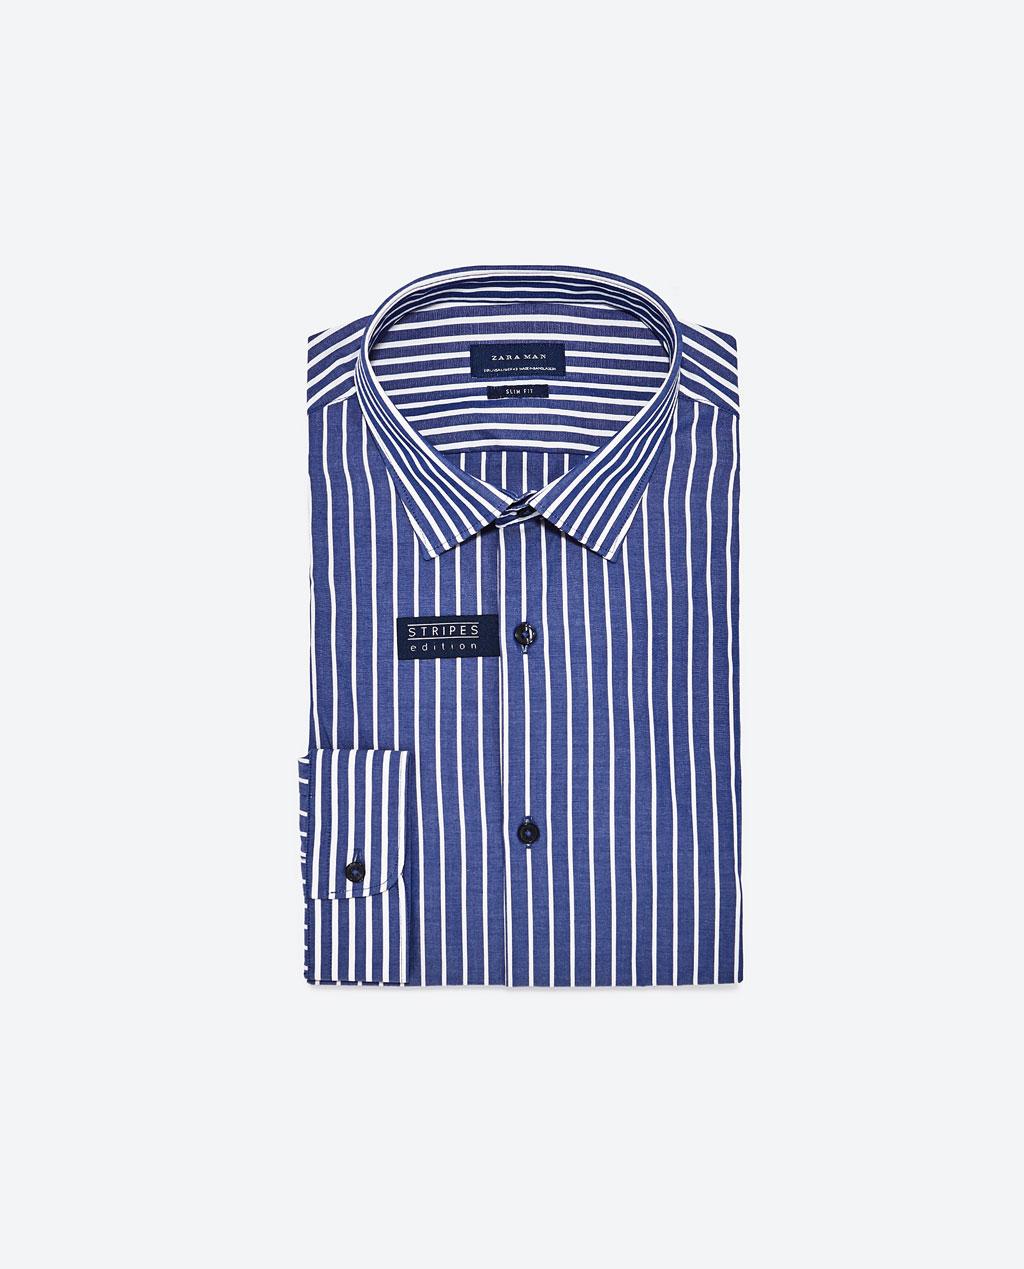 Риза ZARA; 19.99лв